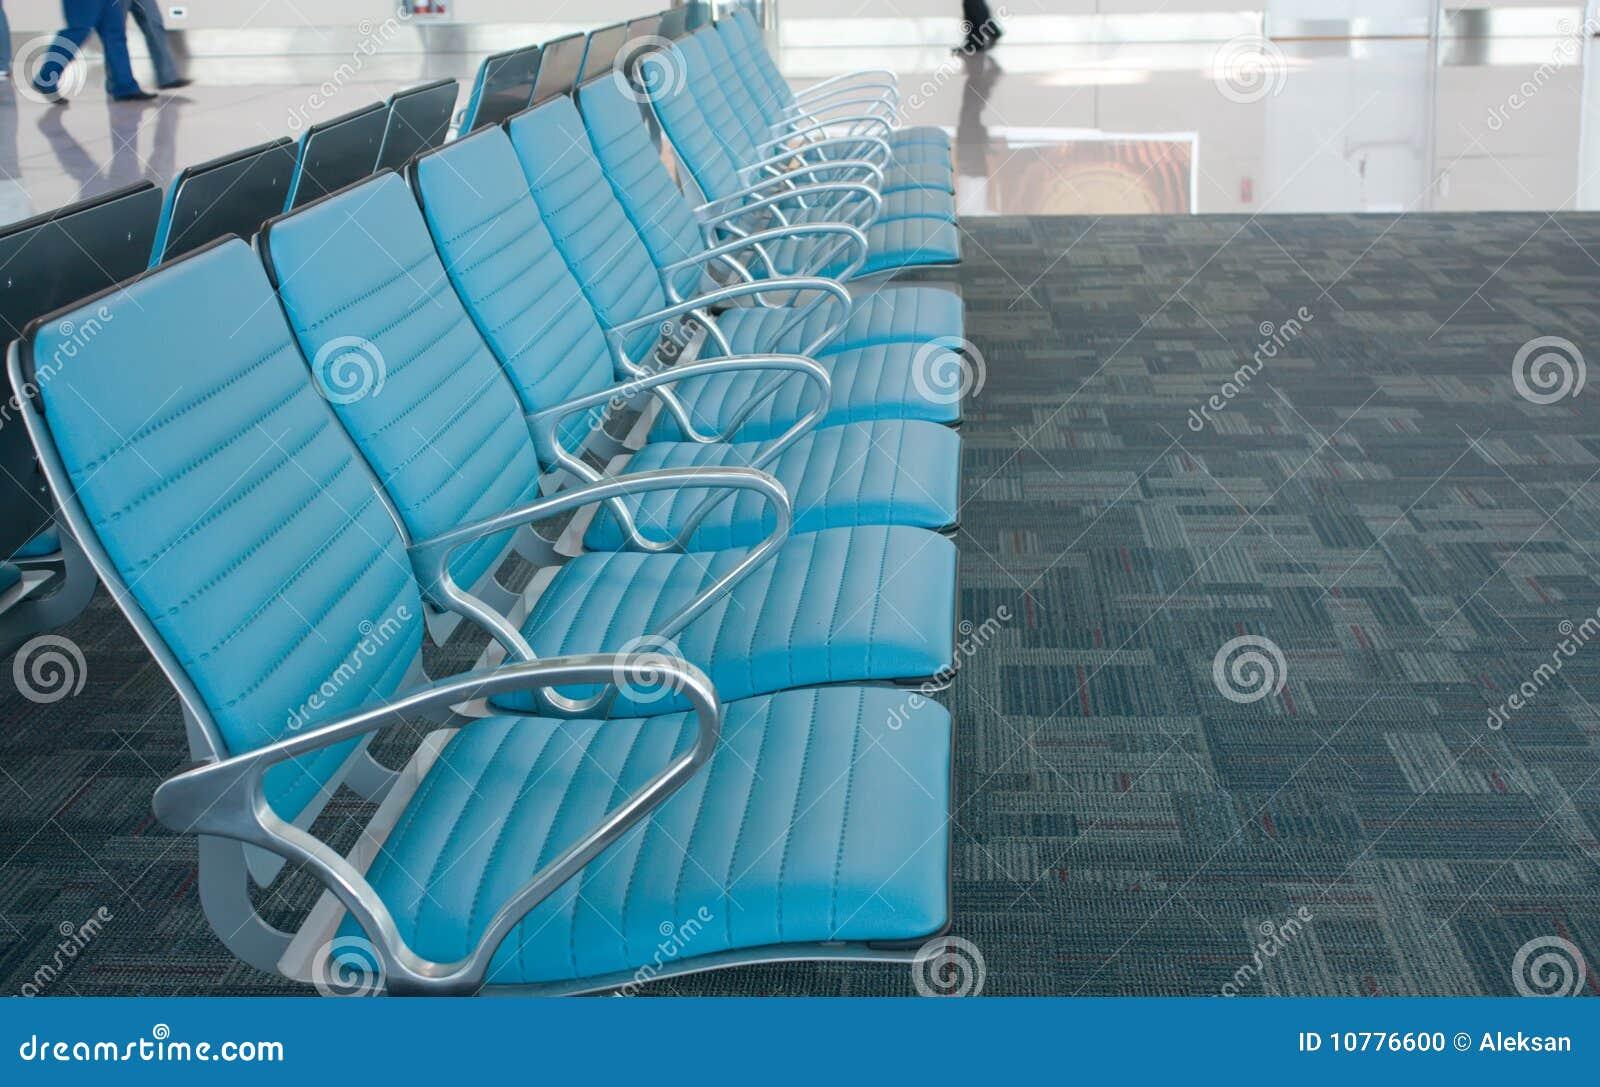 De rij van stoelen in luchthaven. Wachtende ruimte.